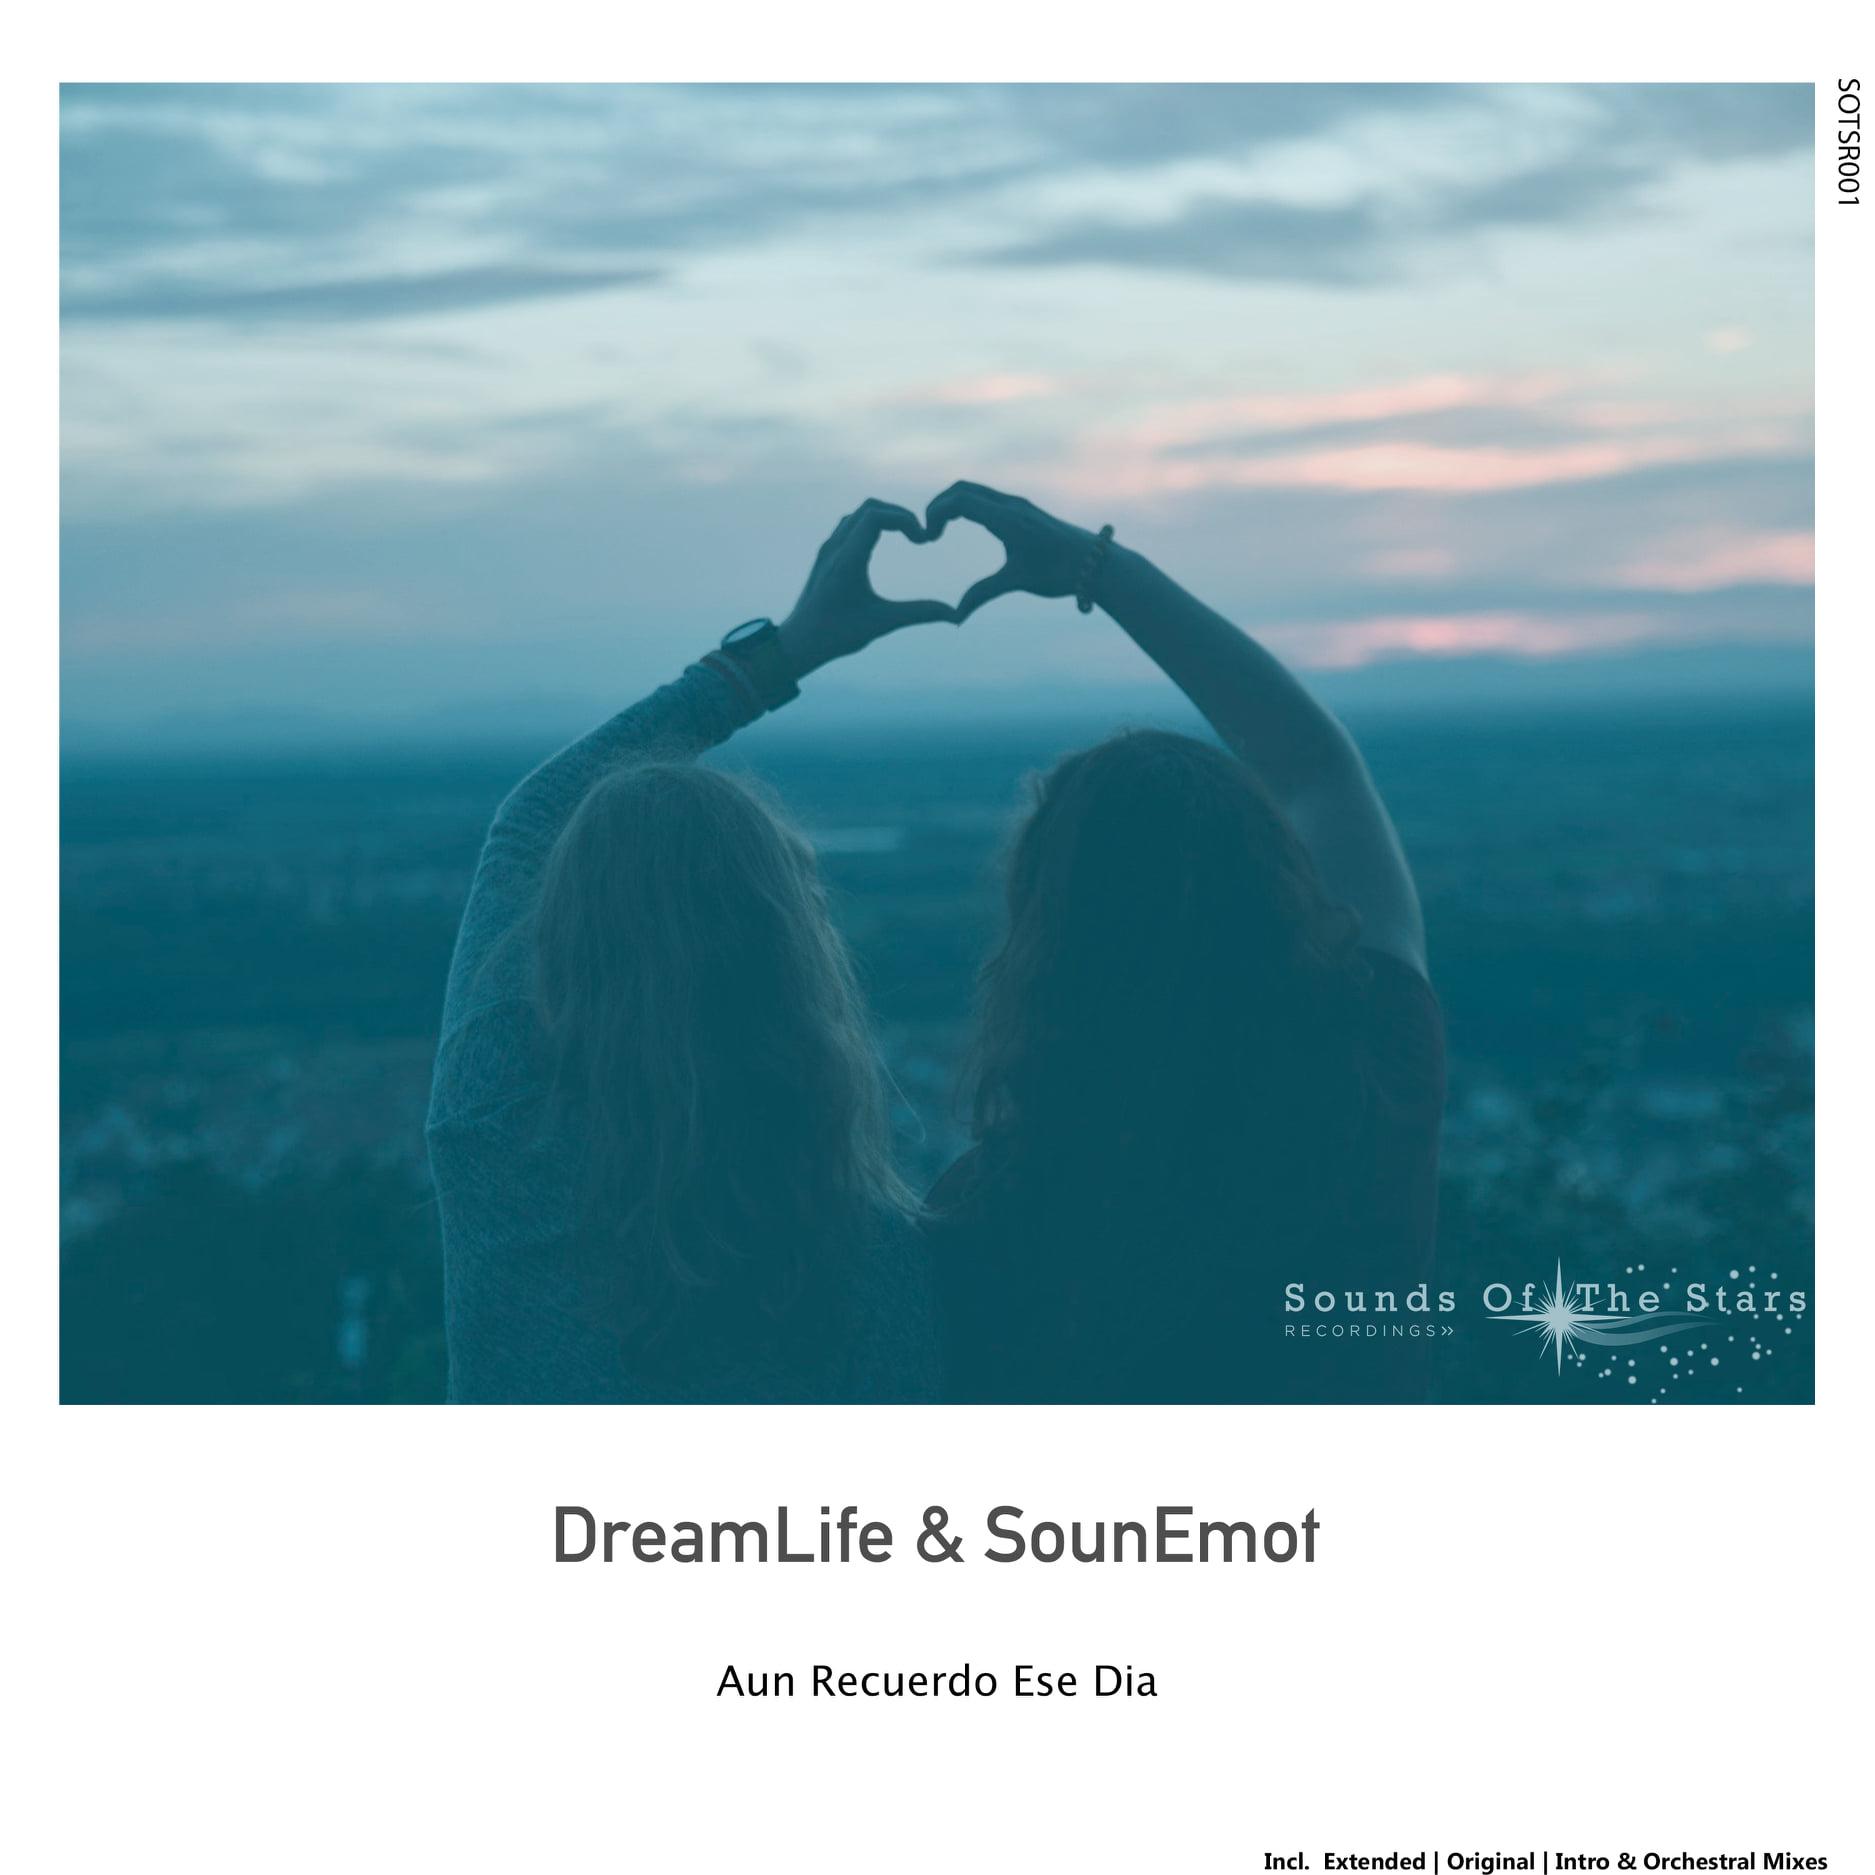 DreamLife & SounEmot - Aun Recuerdo Ese Dia